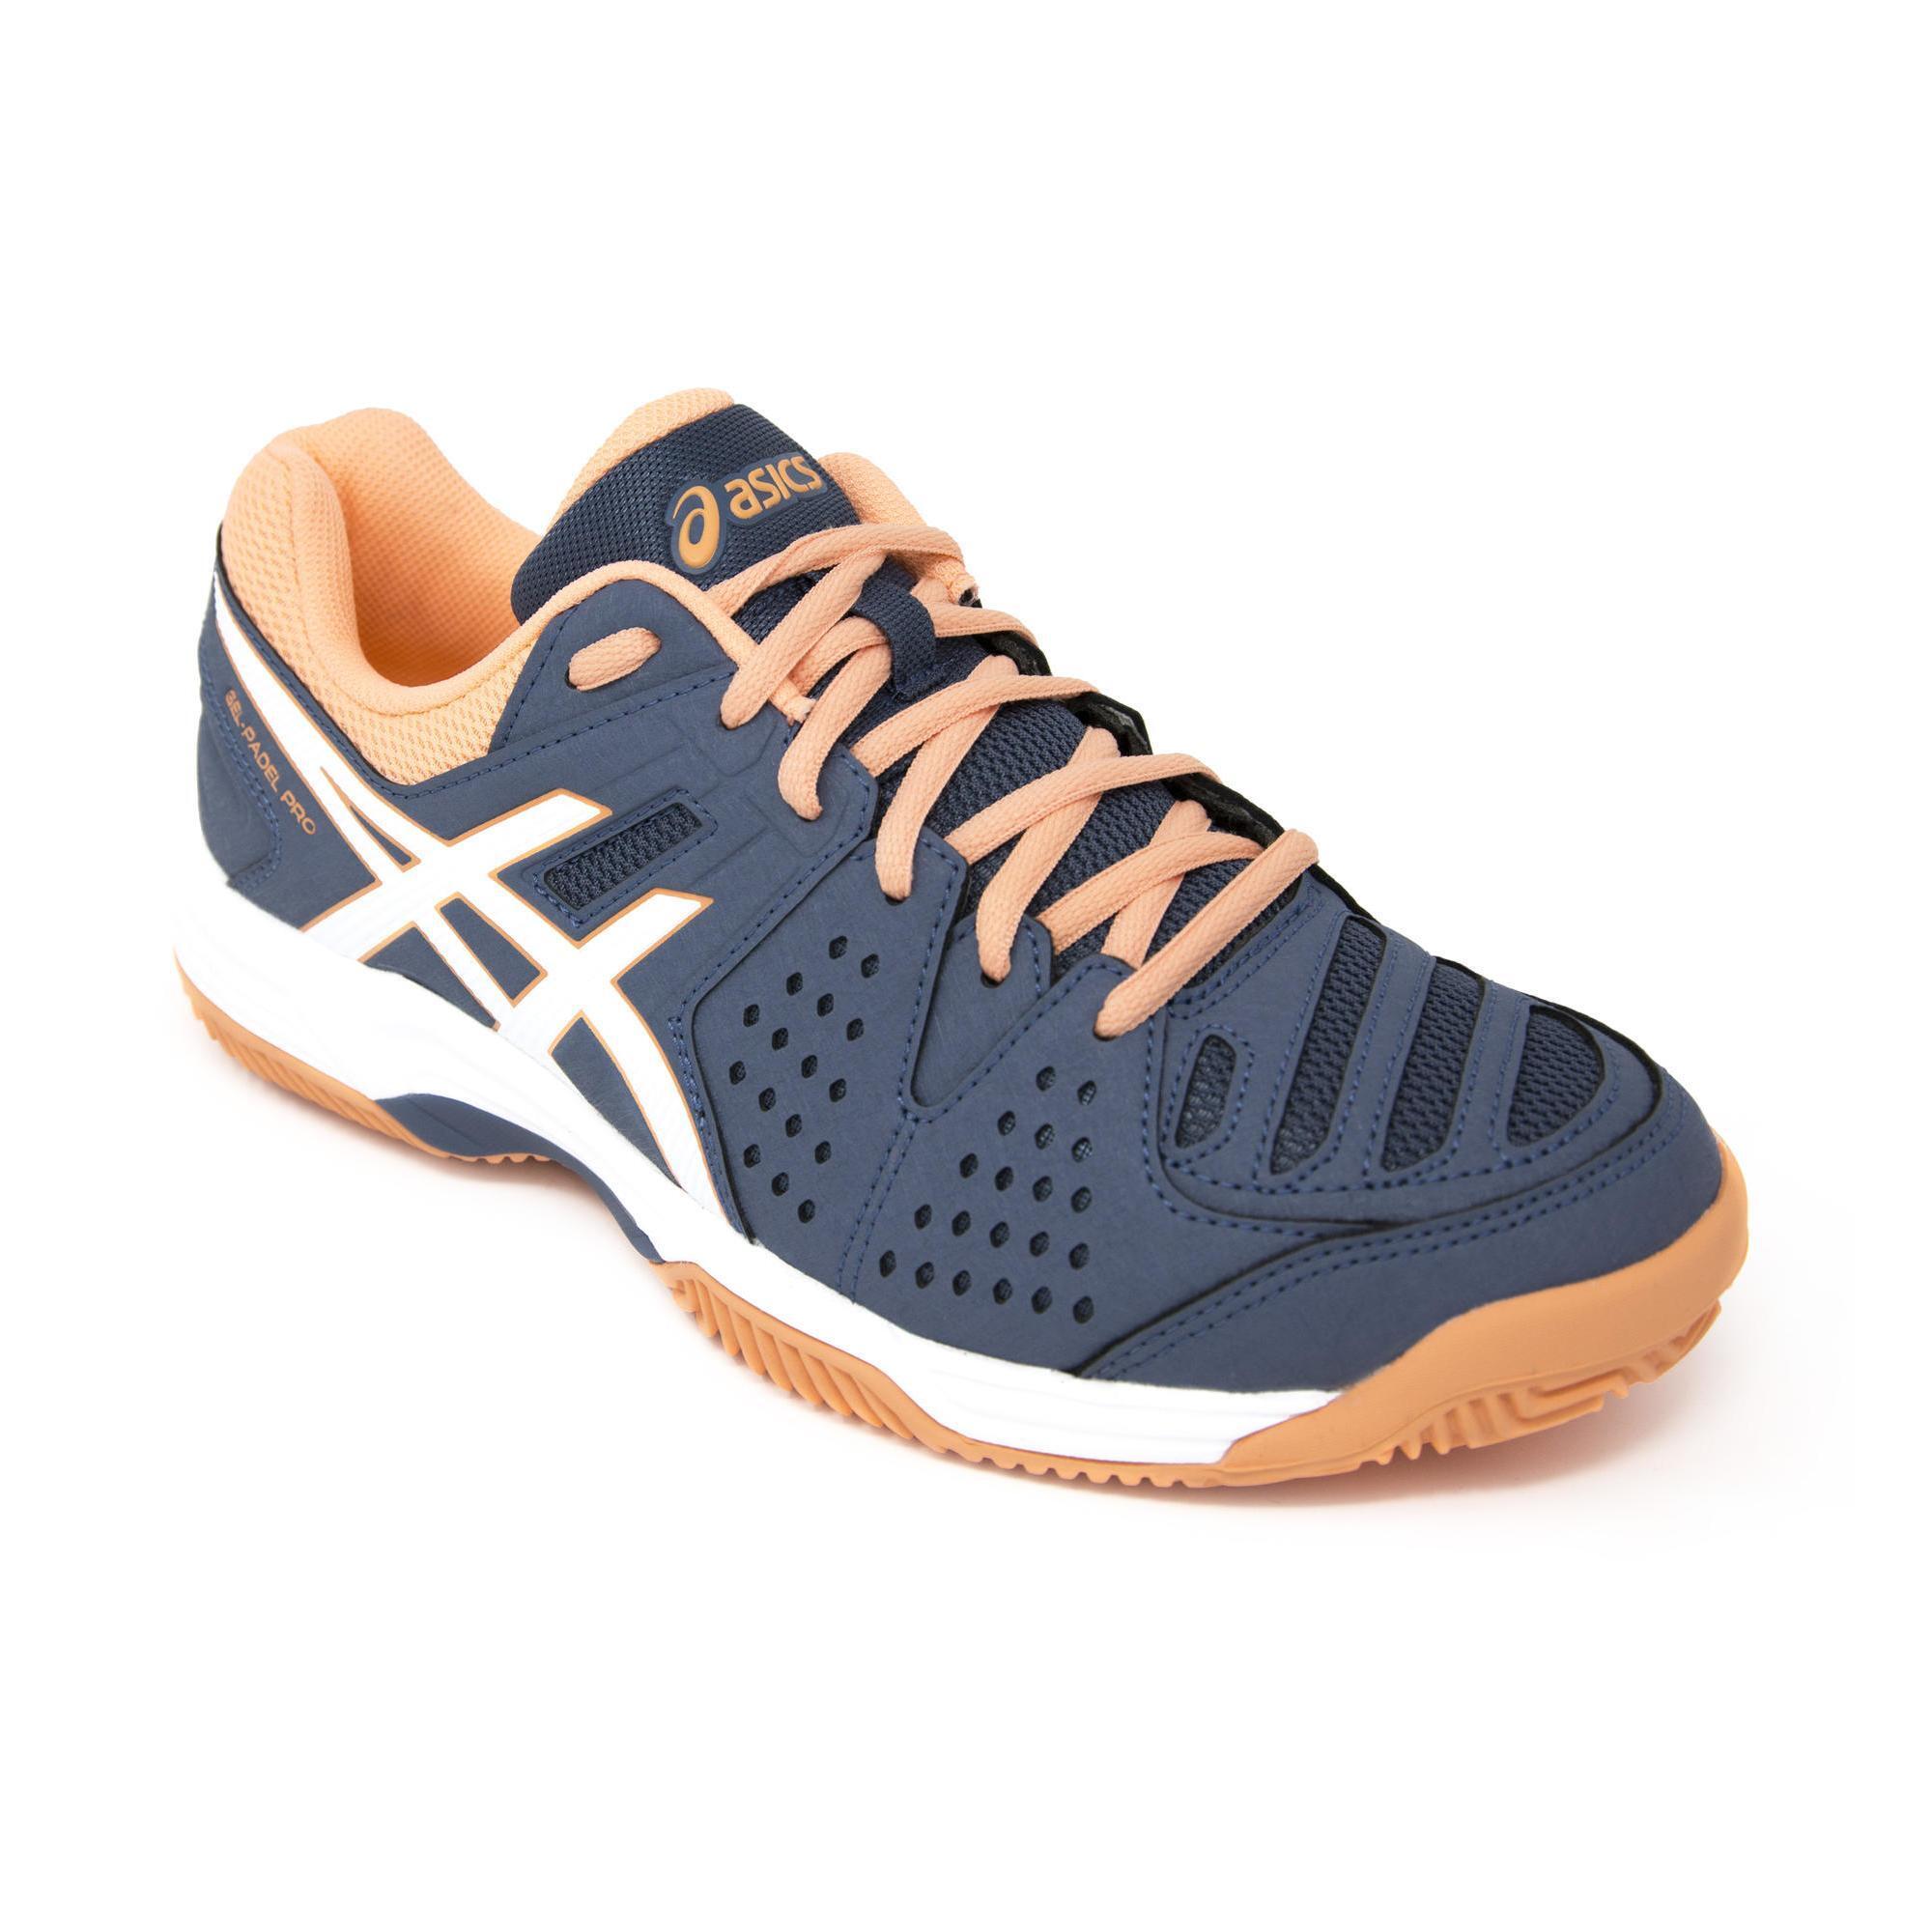 outlet store sale 8103e 7cc22 Comprar Zapatillas de pádel online   Decathlon